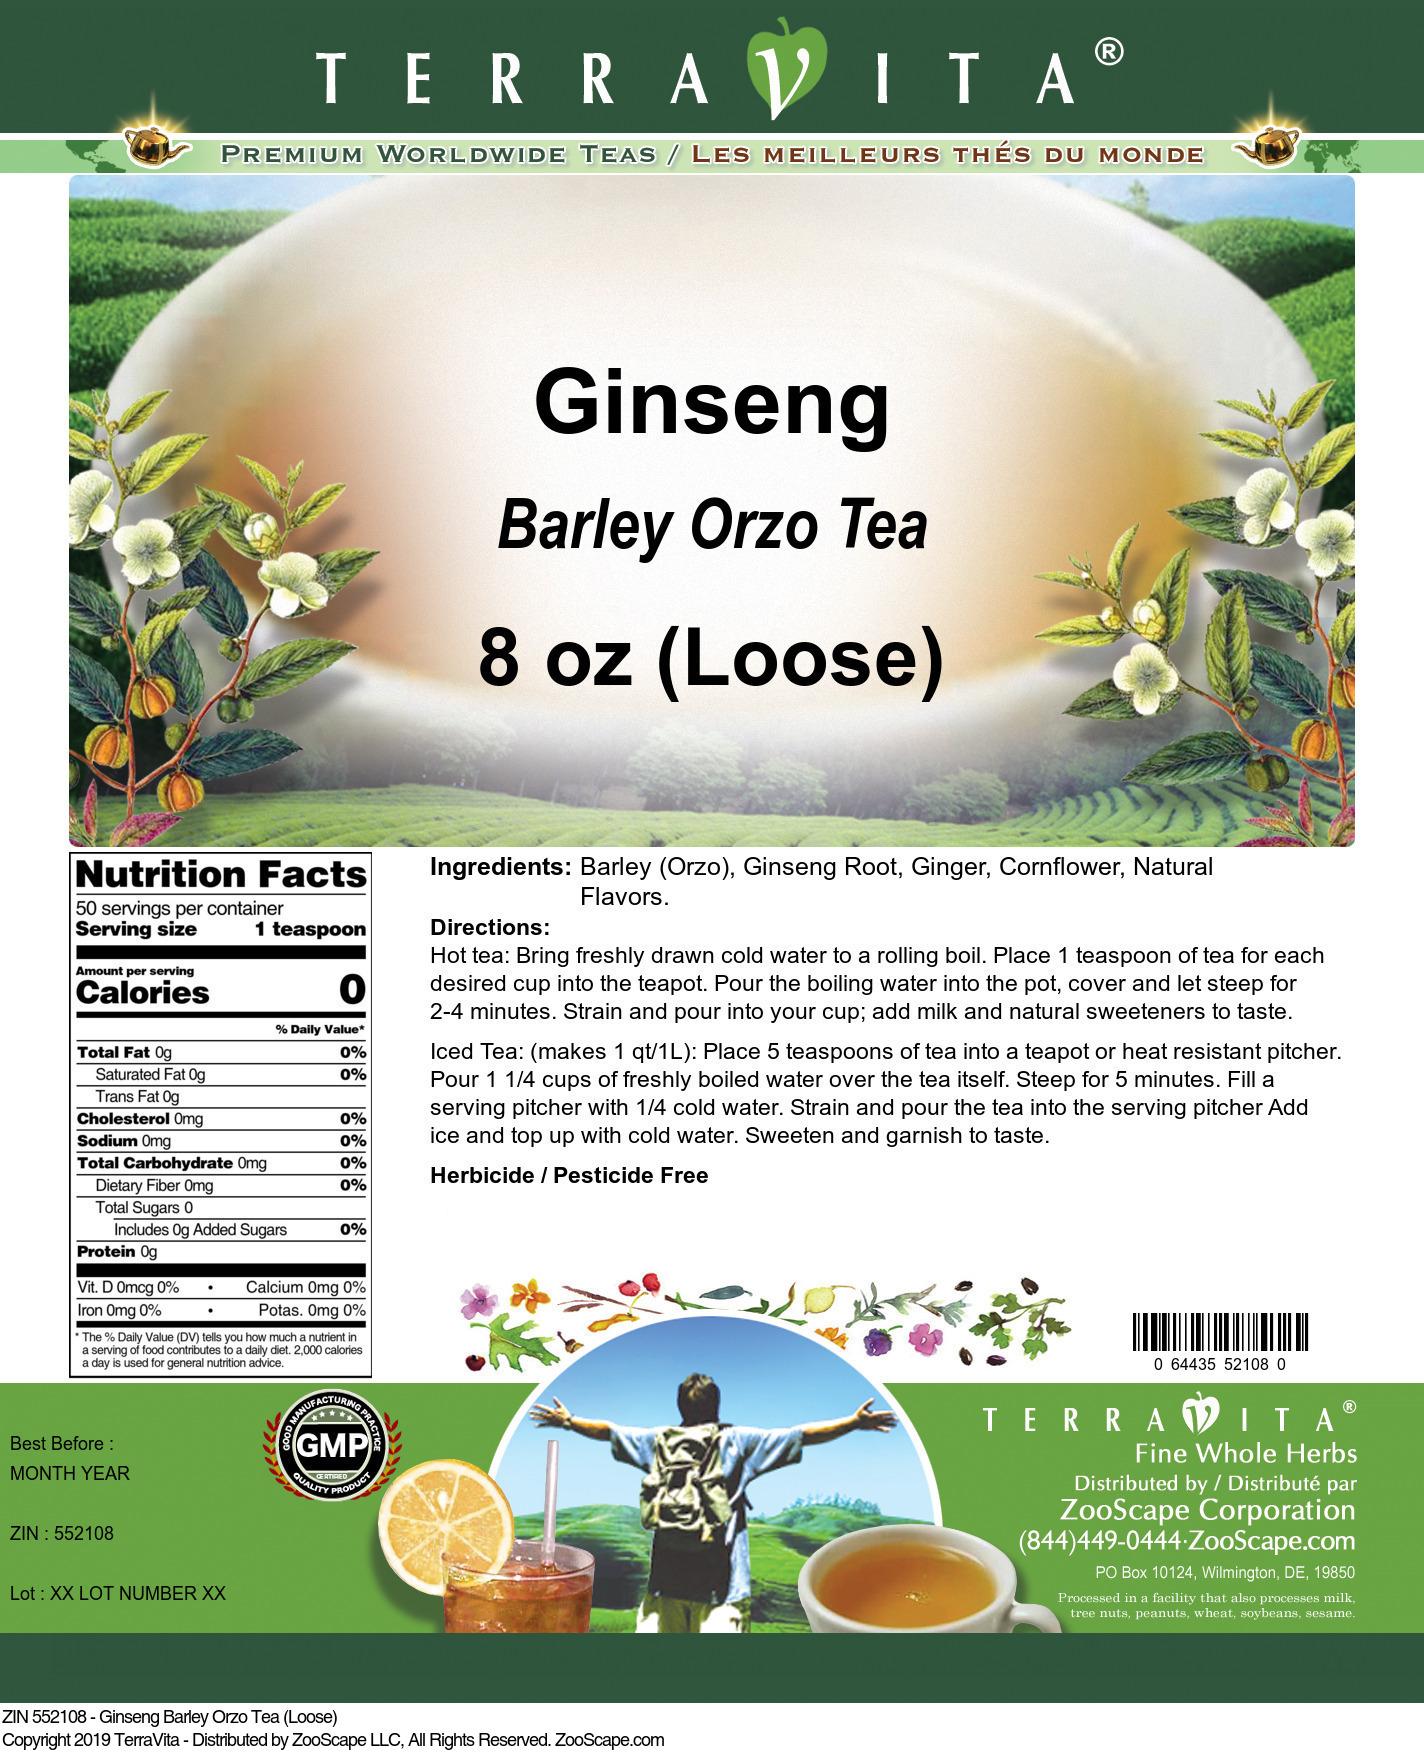 Ginseng Barley Orzo